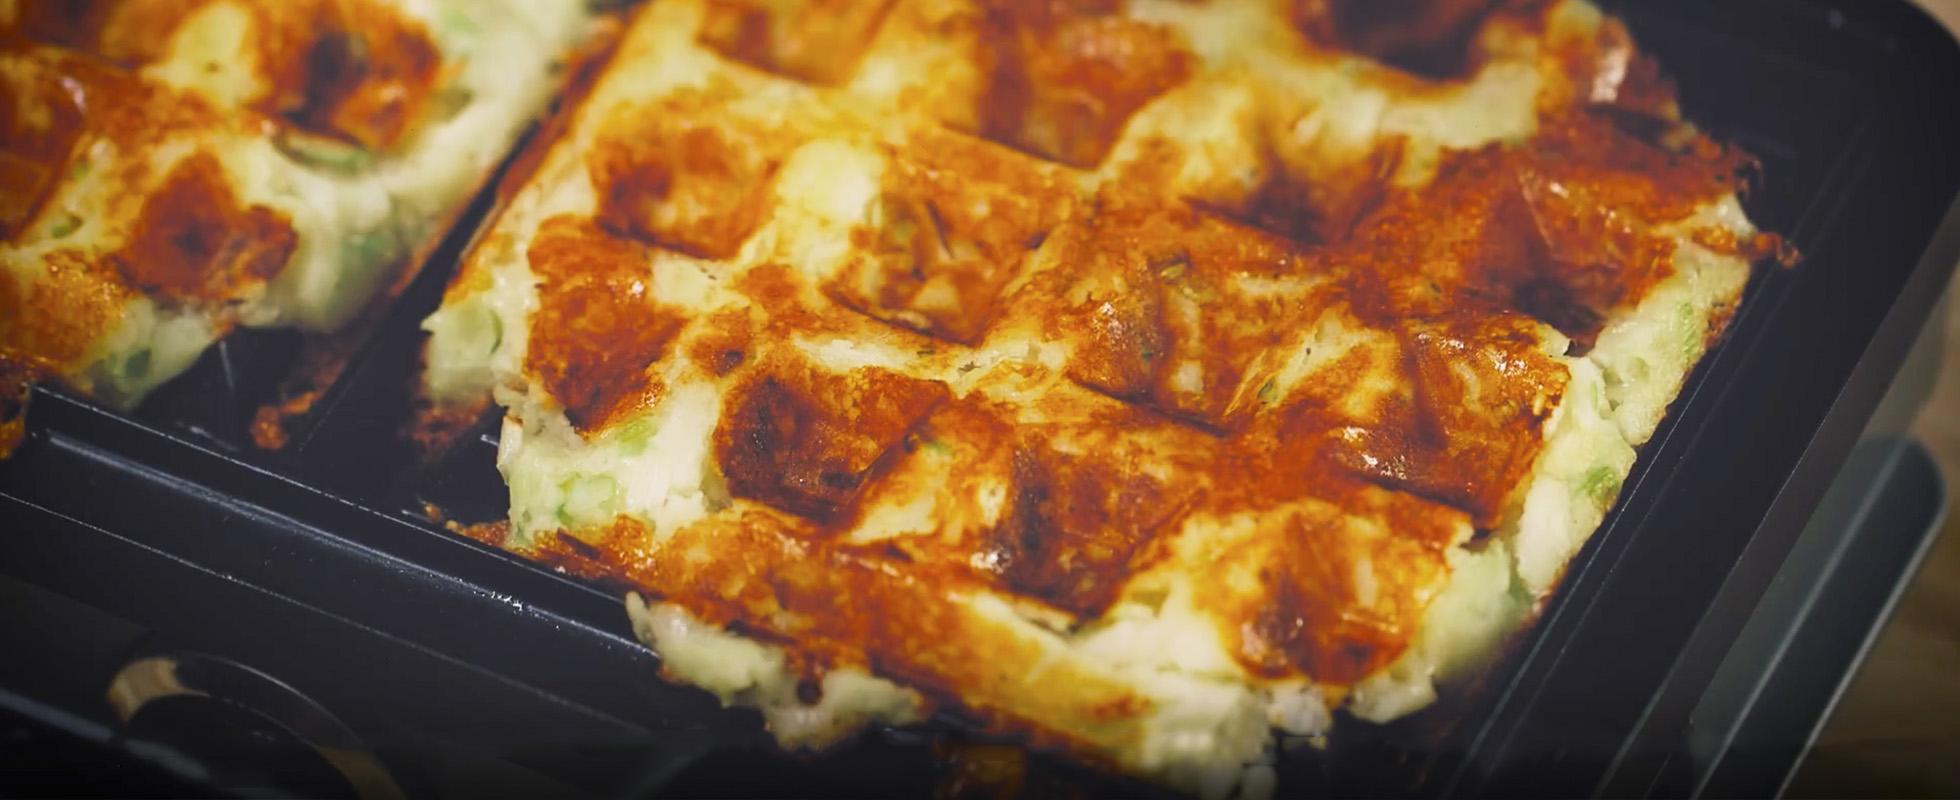 Video: how to make cheesy potato waffles